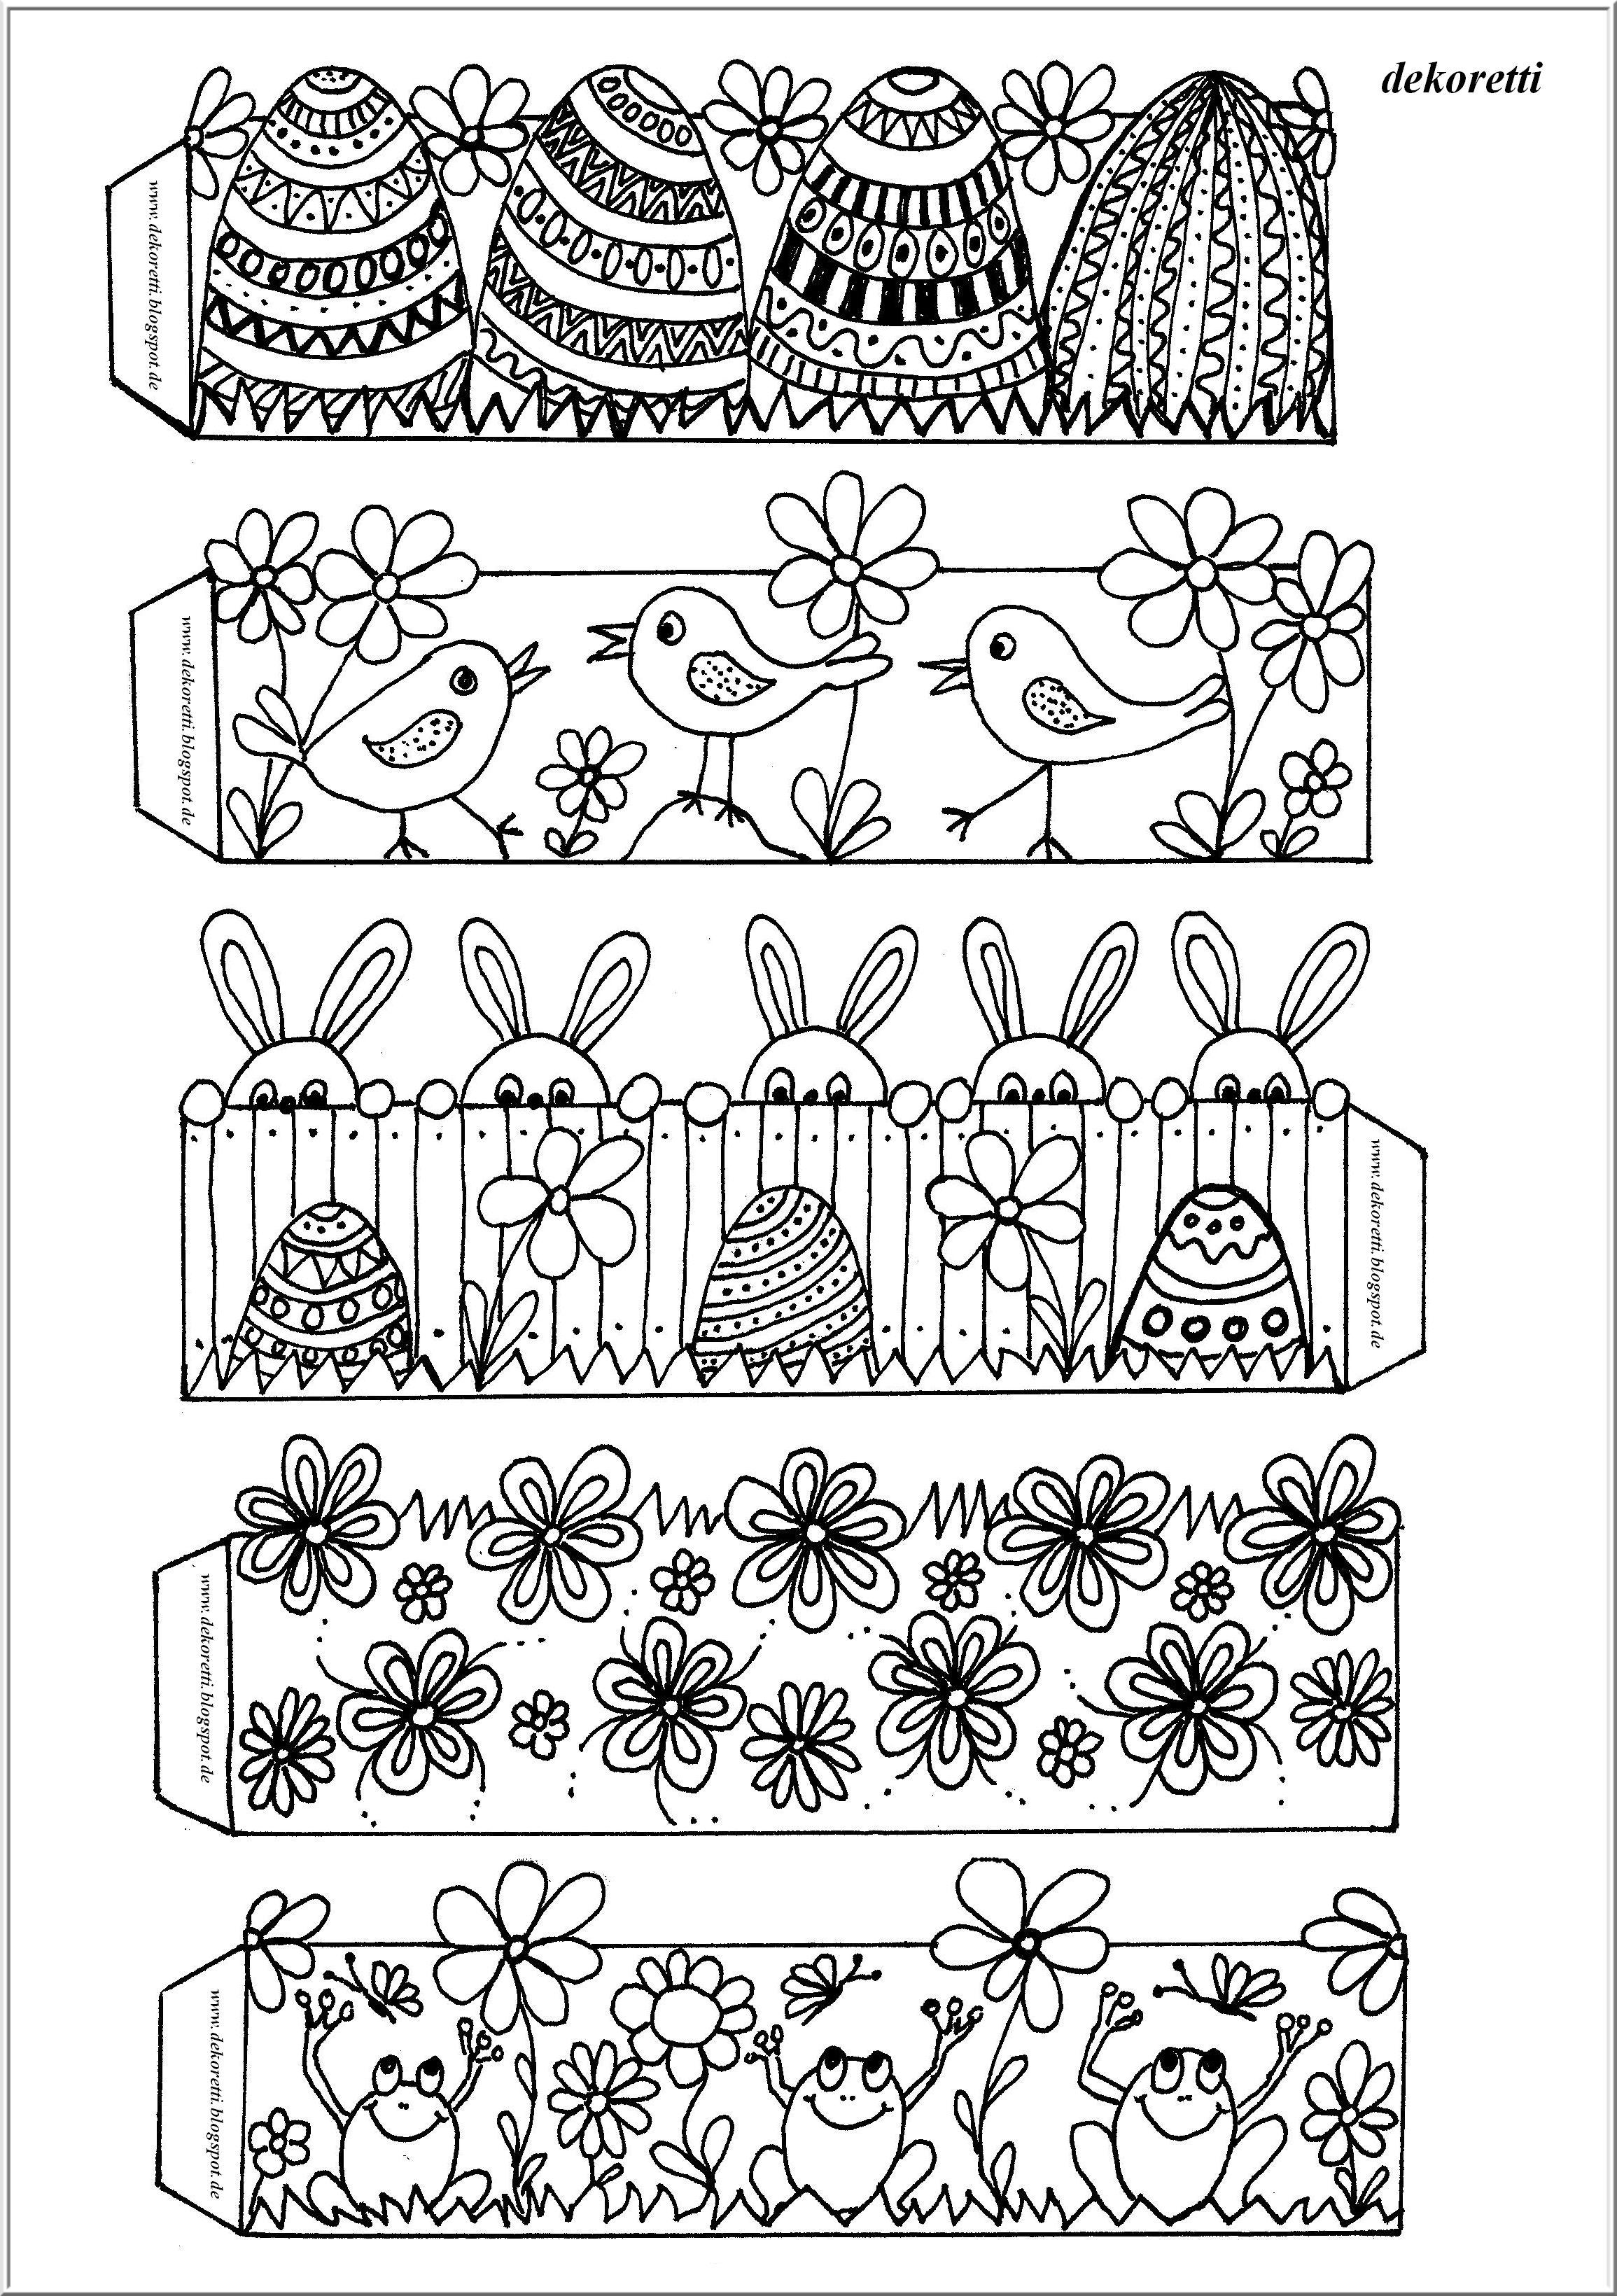 kostenlose Seite zum Ausdrucken und selber Ausmalen, free coloring page, Ostern, Osterdeko, Ostereibanderole, Frühling #coloringpagestoprint